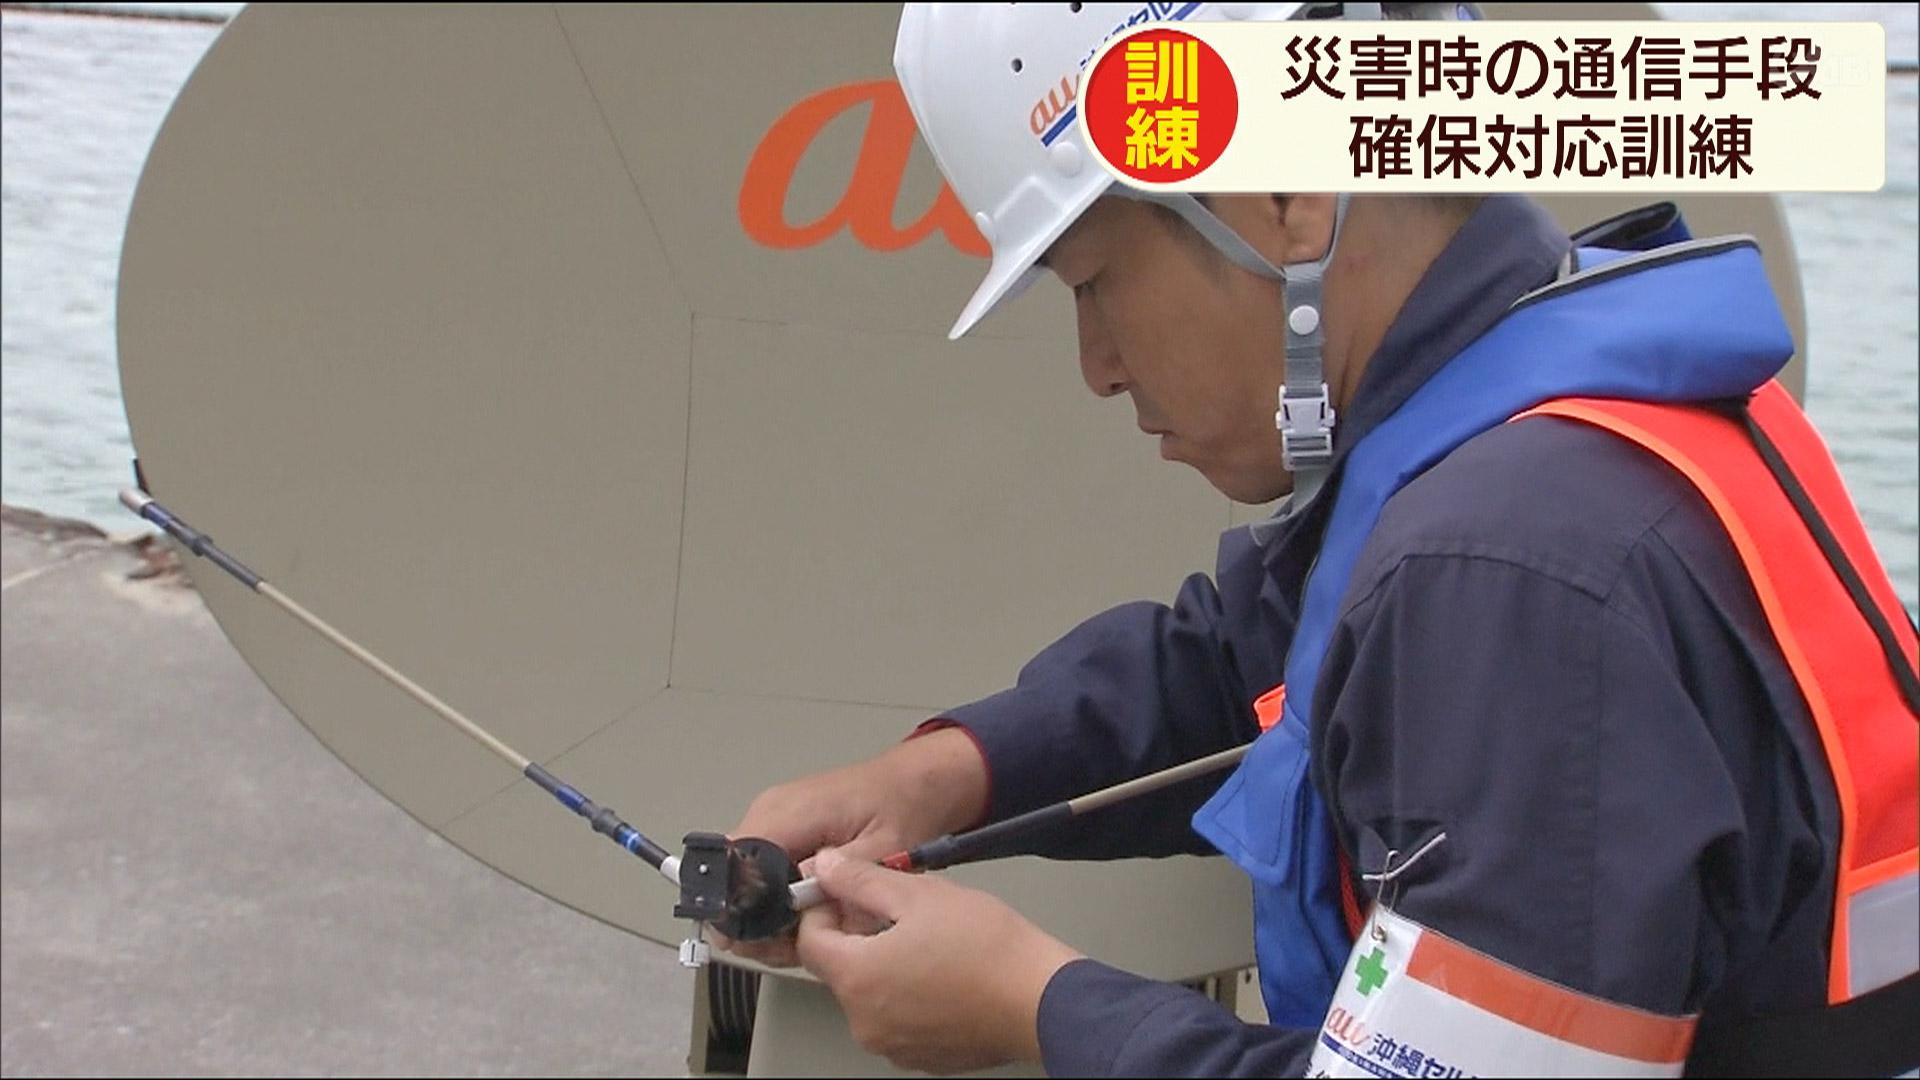 災害の時の通信確保の訓練